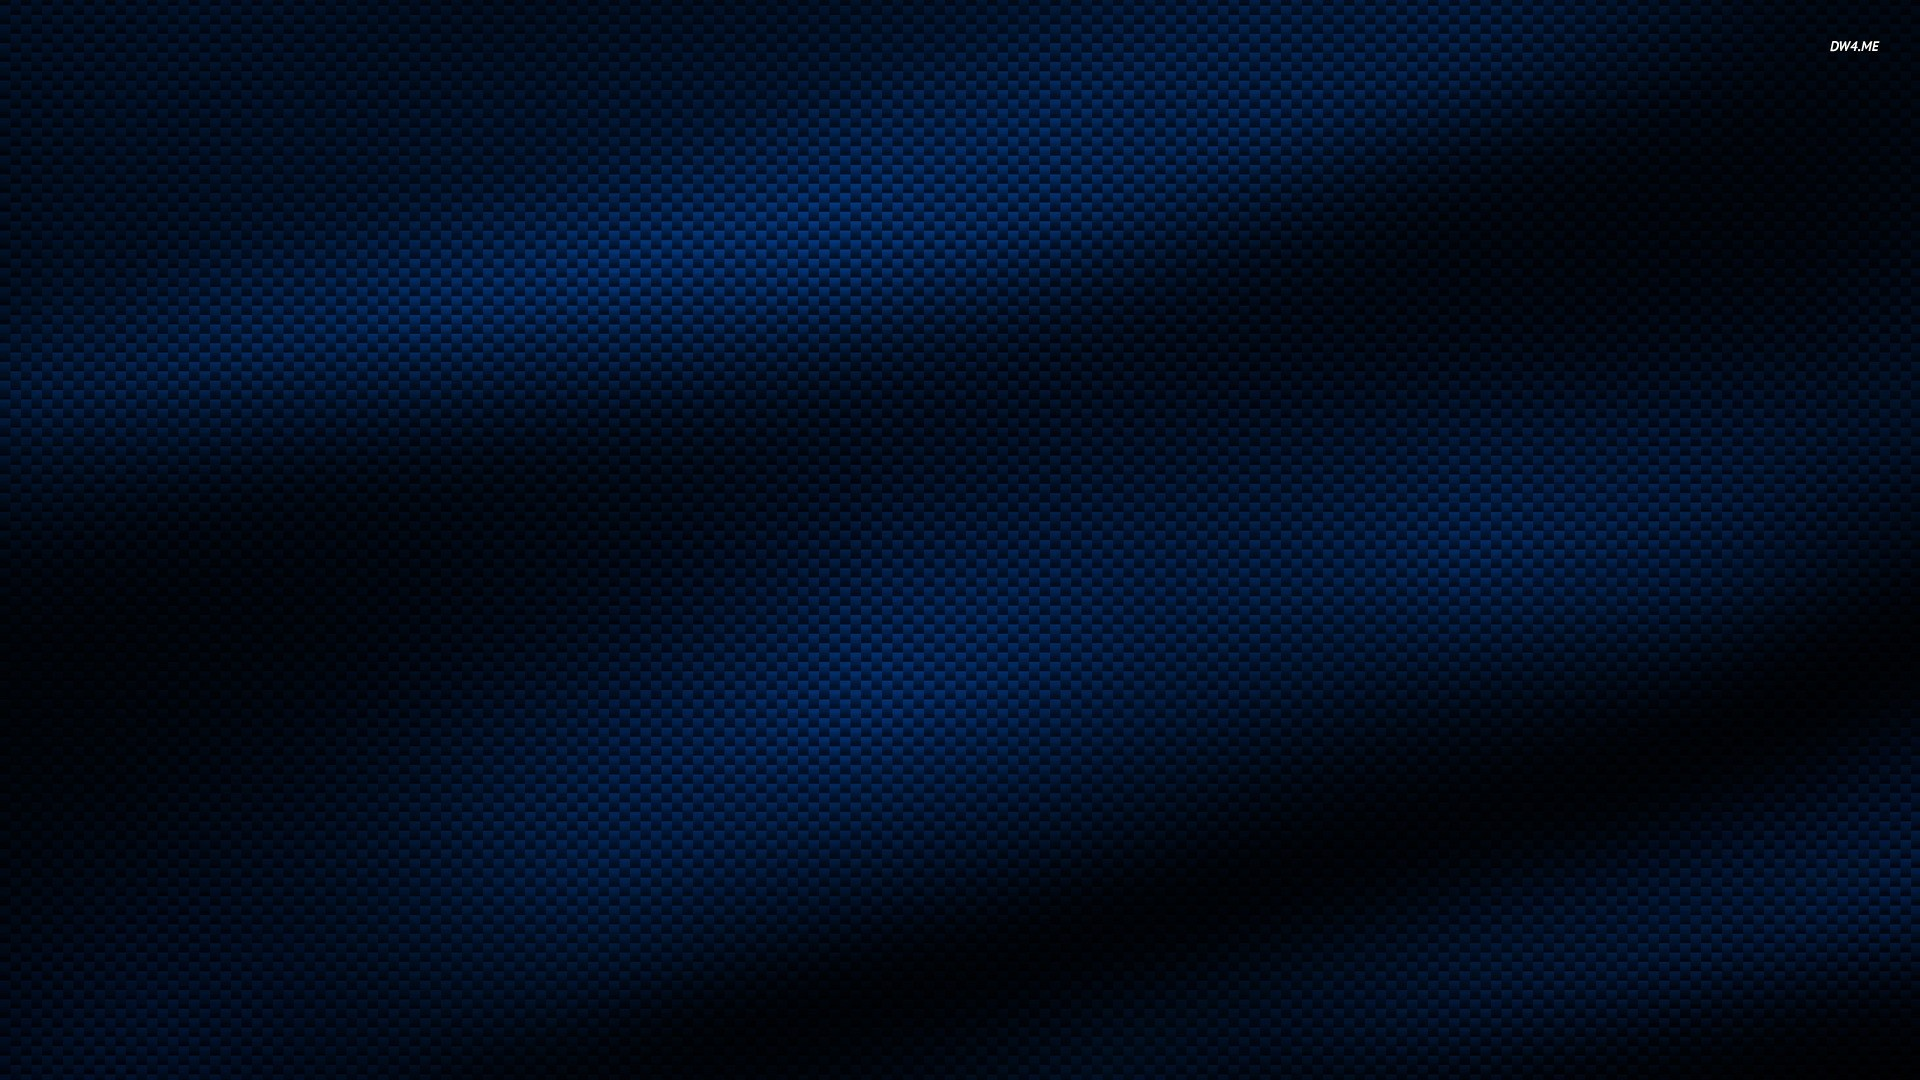 … Carbon Fiber Wallpaper Vidur Carbon Fiber Wallpaper 2017